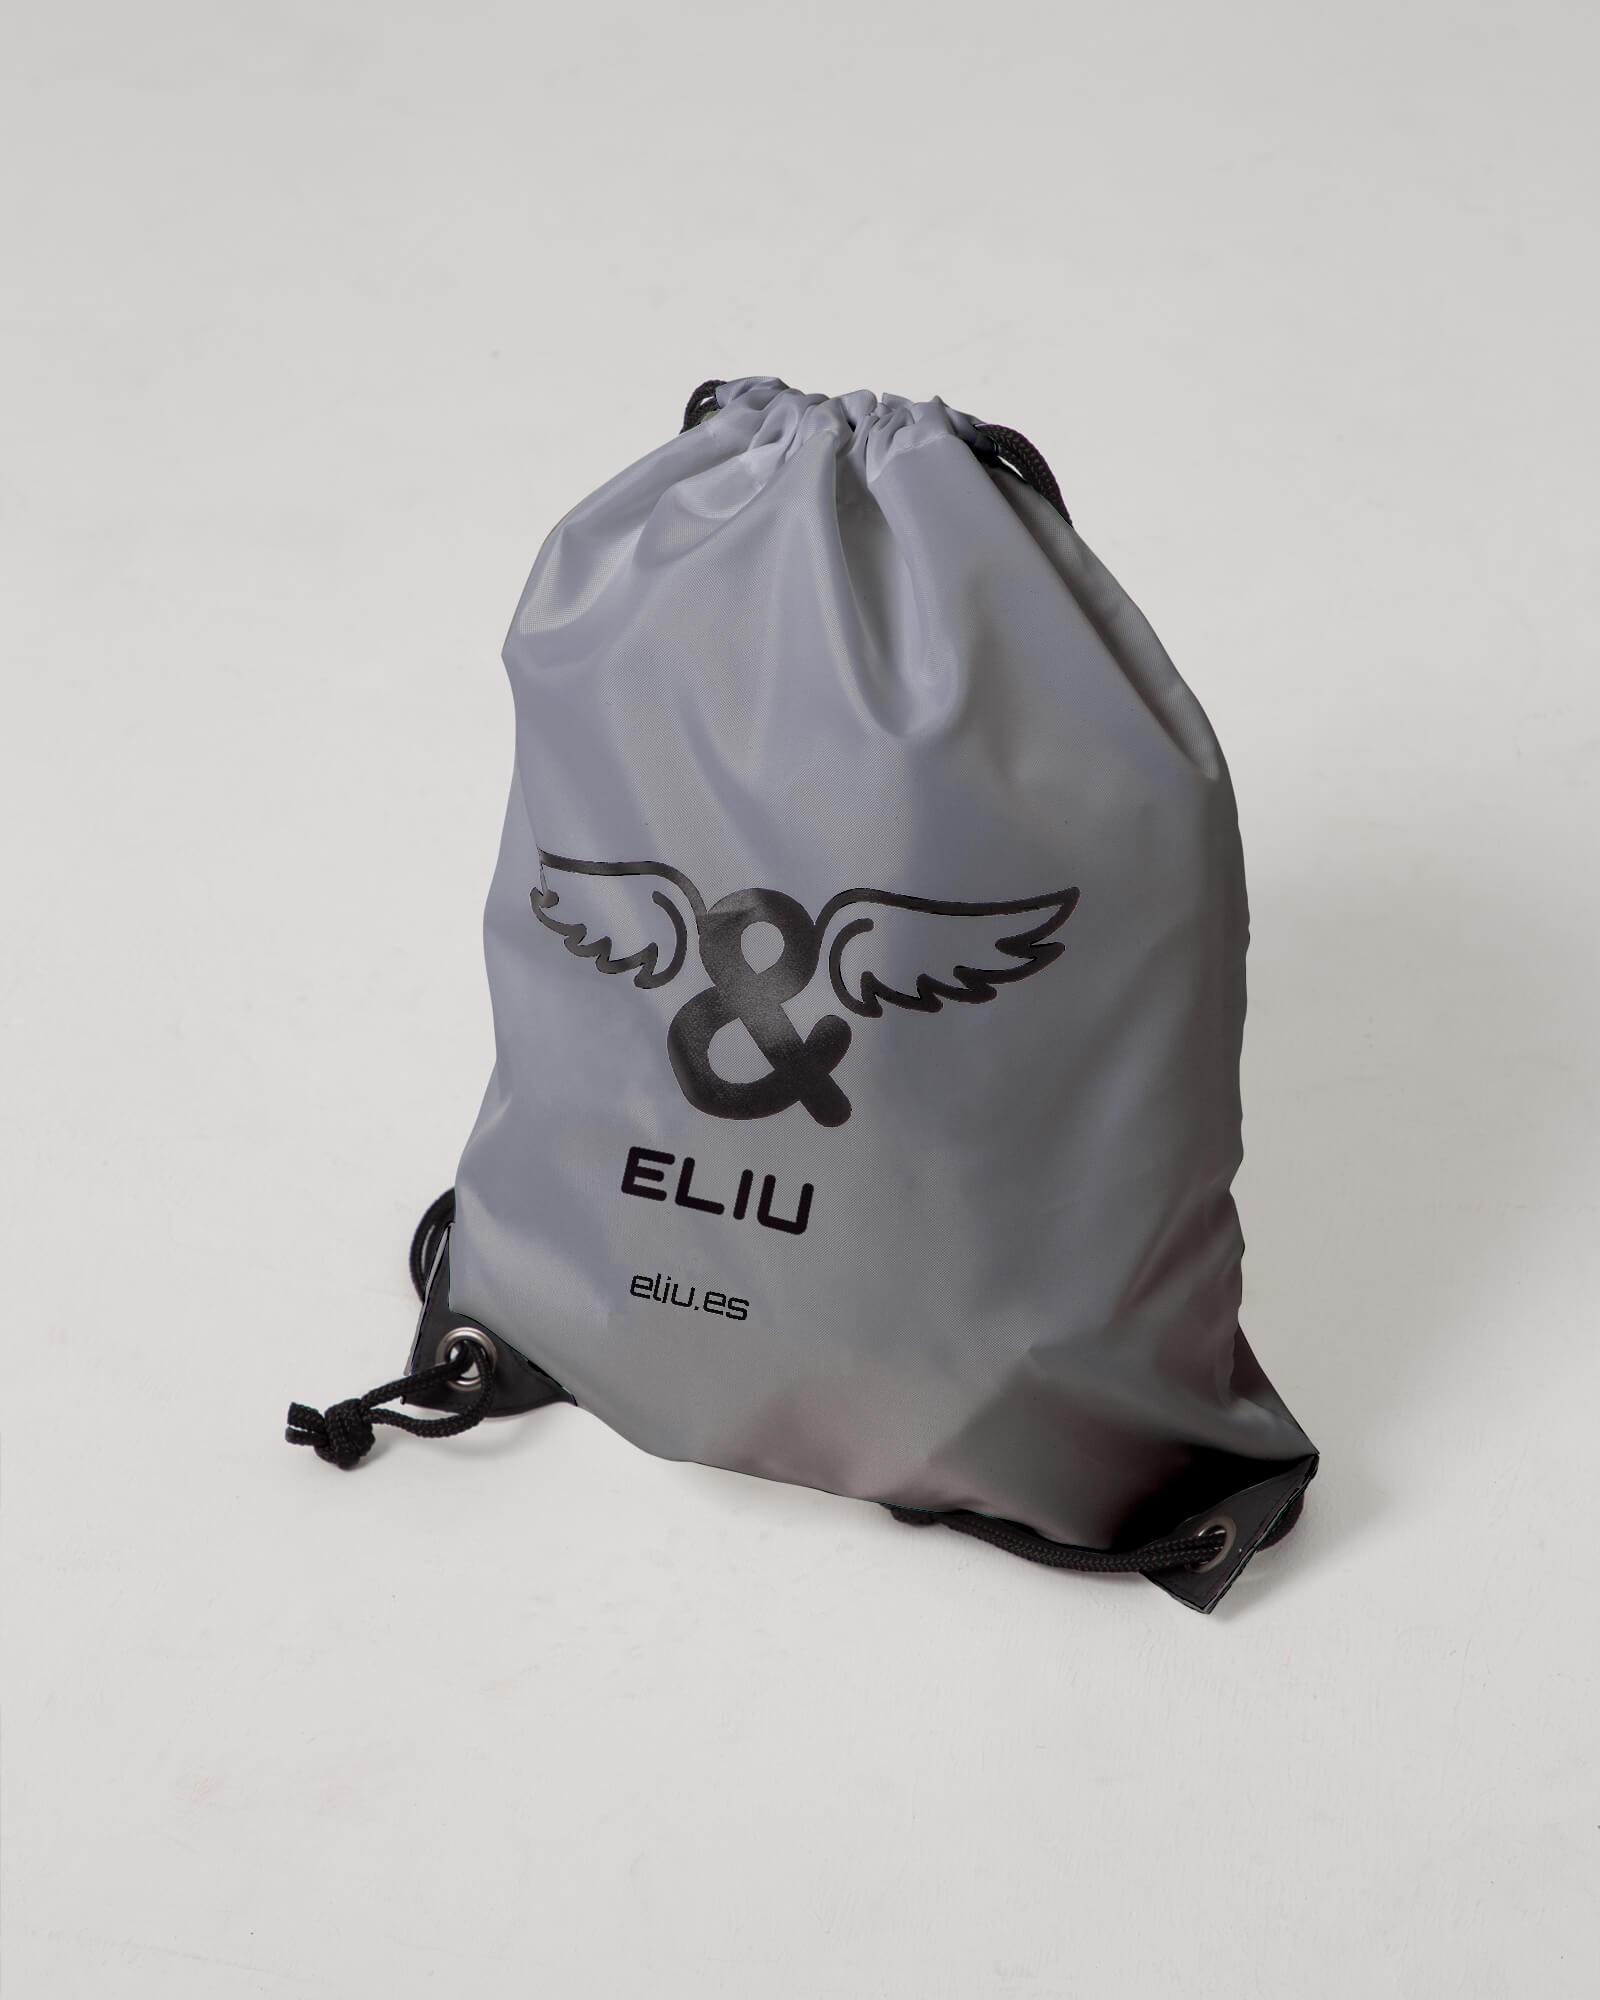 Mochila básica plata con logo en la parte delantera. Estilo urbano marca ELIU streetwear.